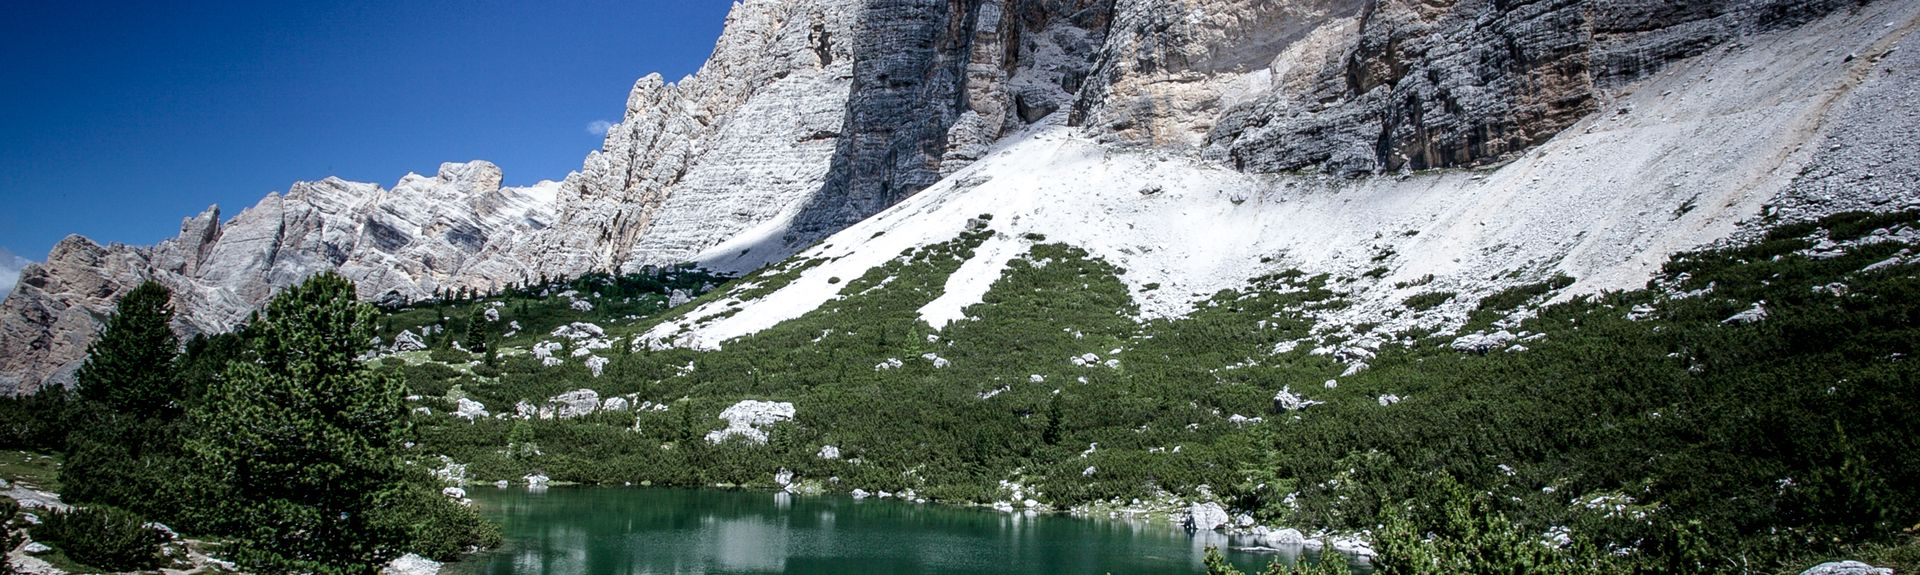 Valdaora, Trentino Alto Adige, Italia